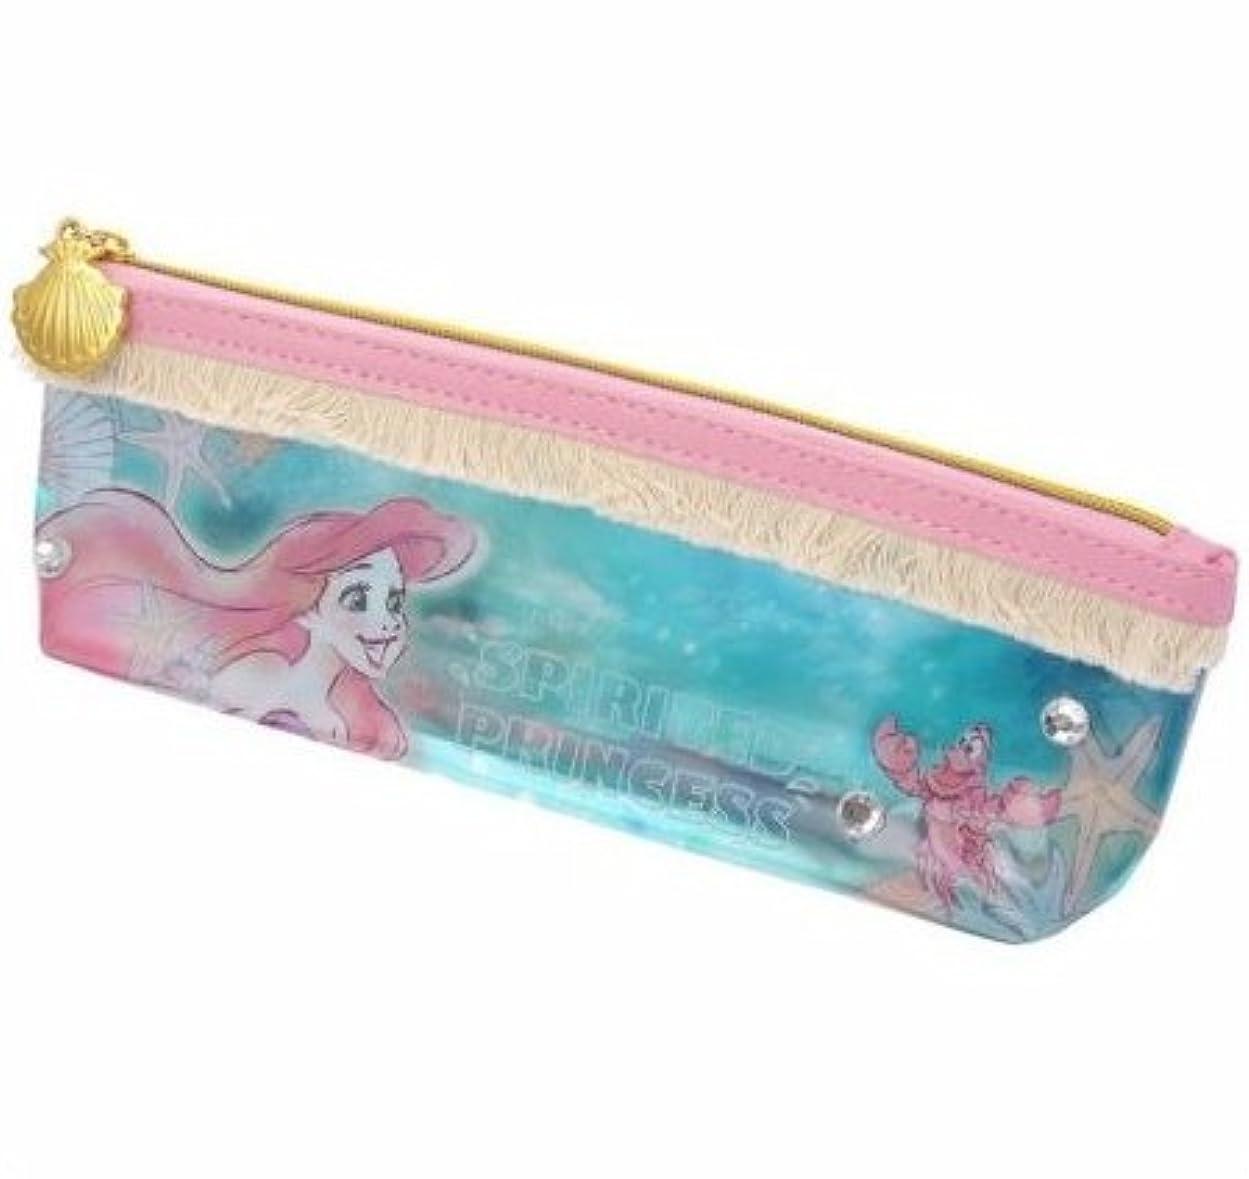 驚のために形式アリエル Crystal Dream Mermaid 歯ブラシセット ディズニーストア